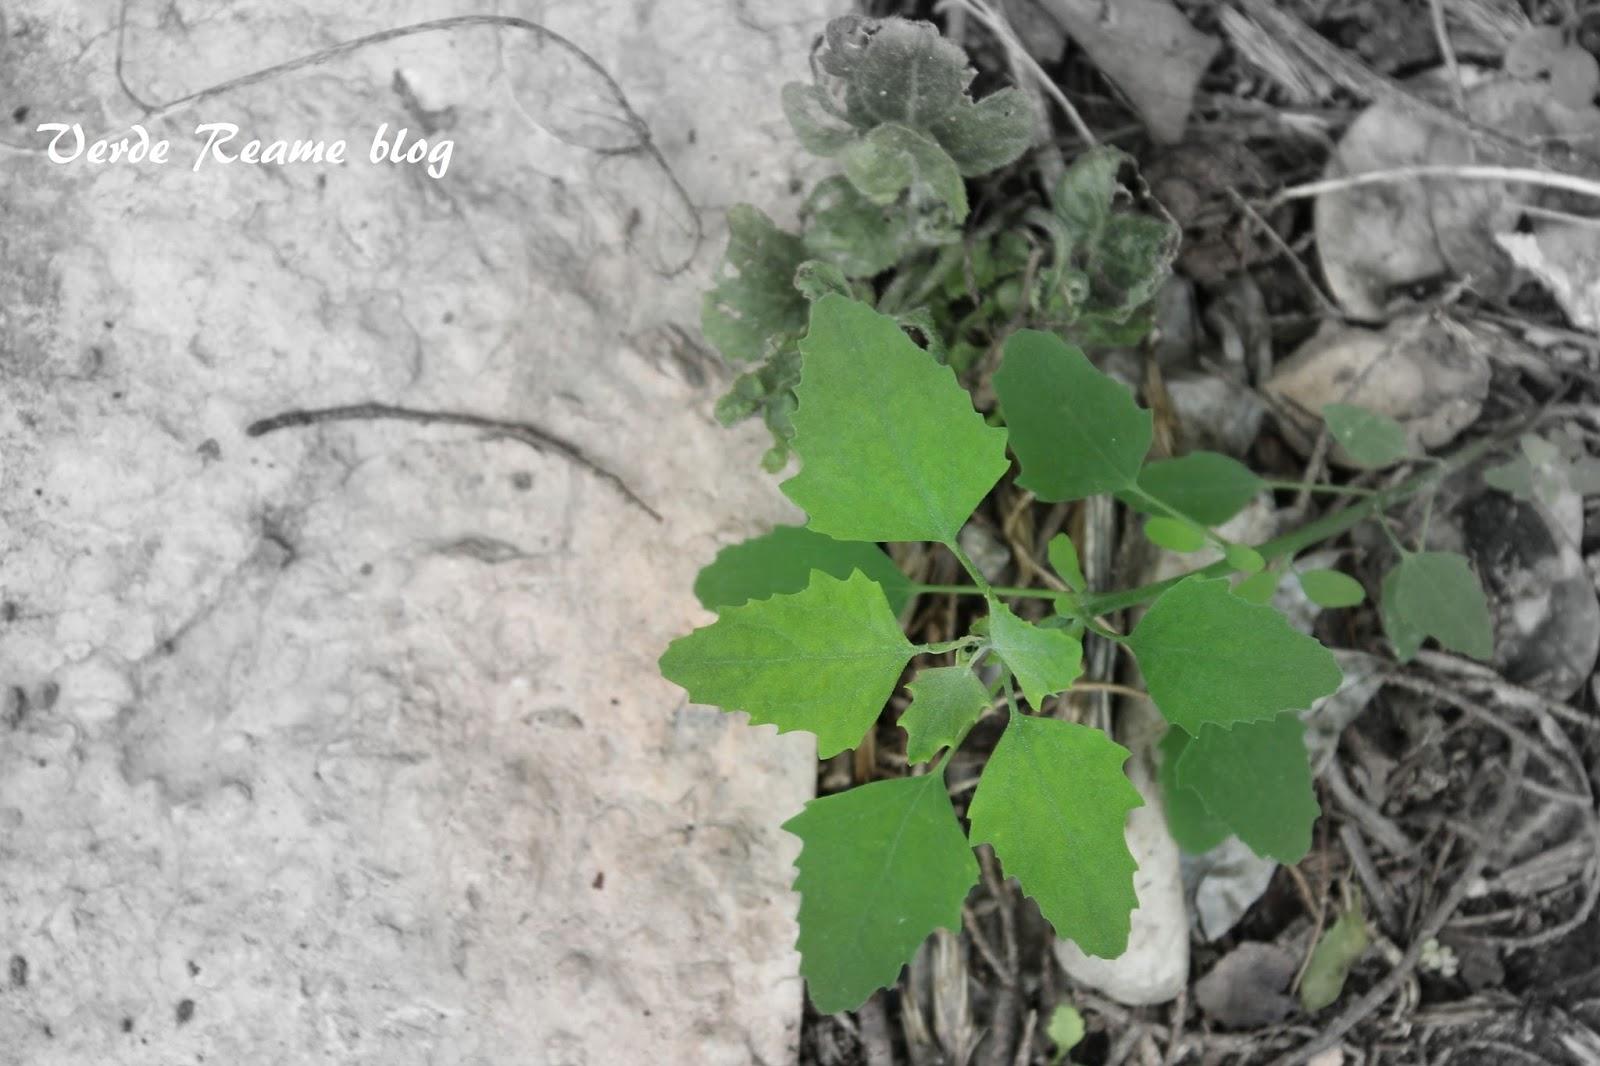 Verde reame elogi delle vagabonde - Nomi di piante da giardino ...